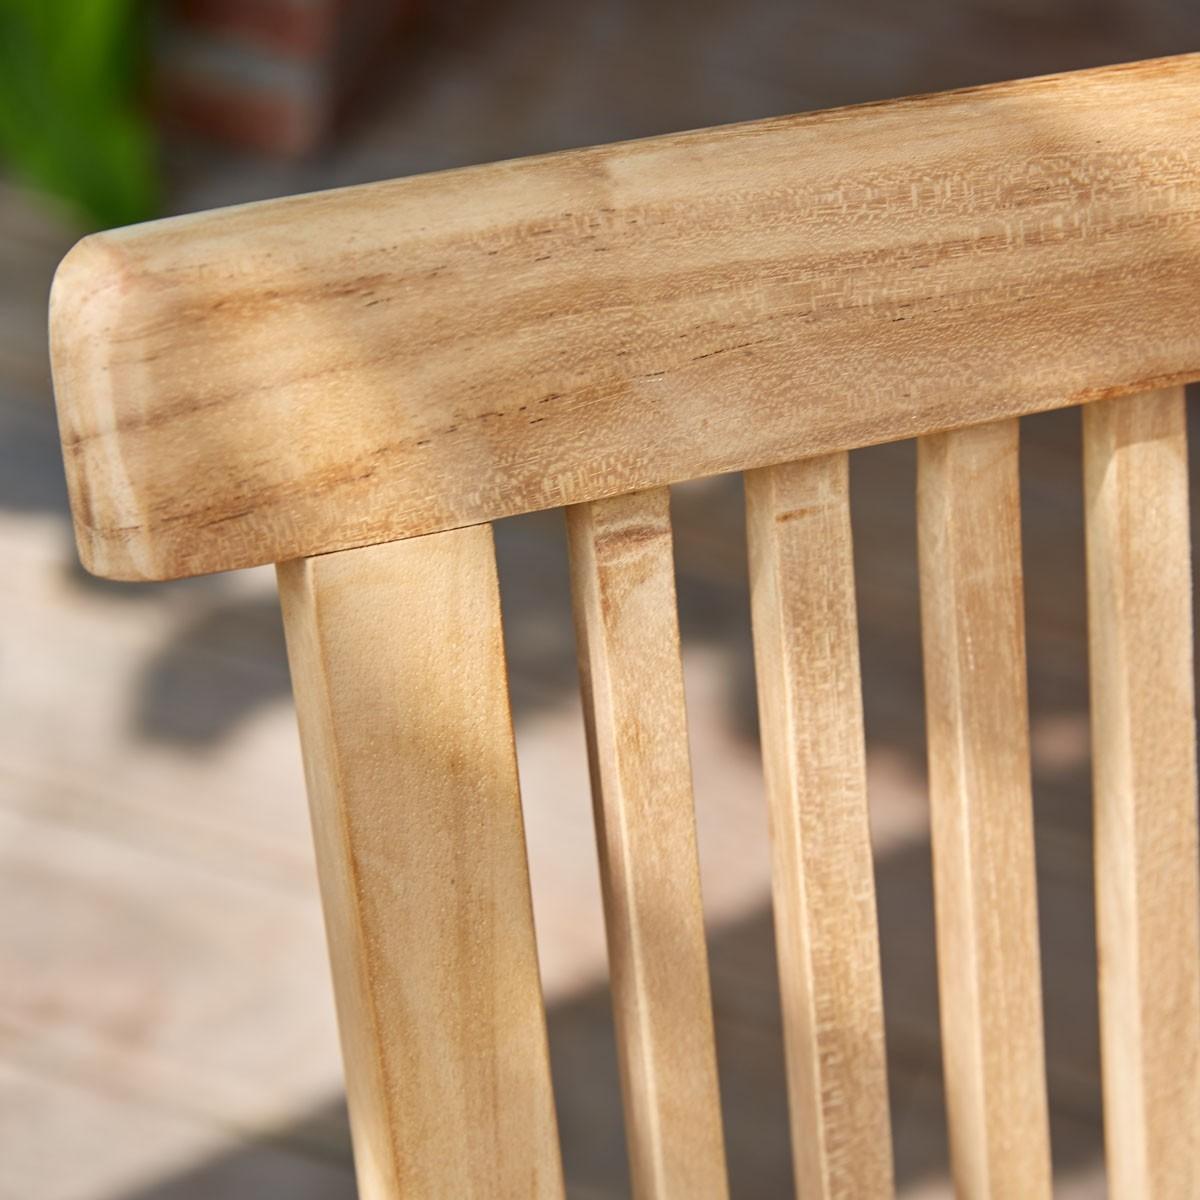 Chaise en bois de teck bois dessus bois dessous - Dessus de chaise en bois ...